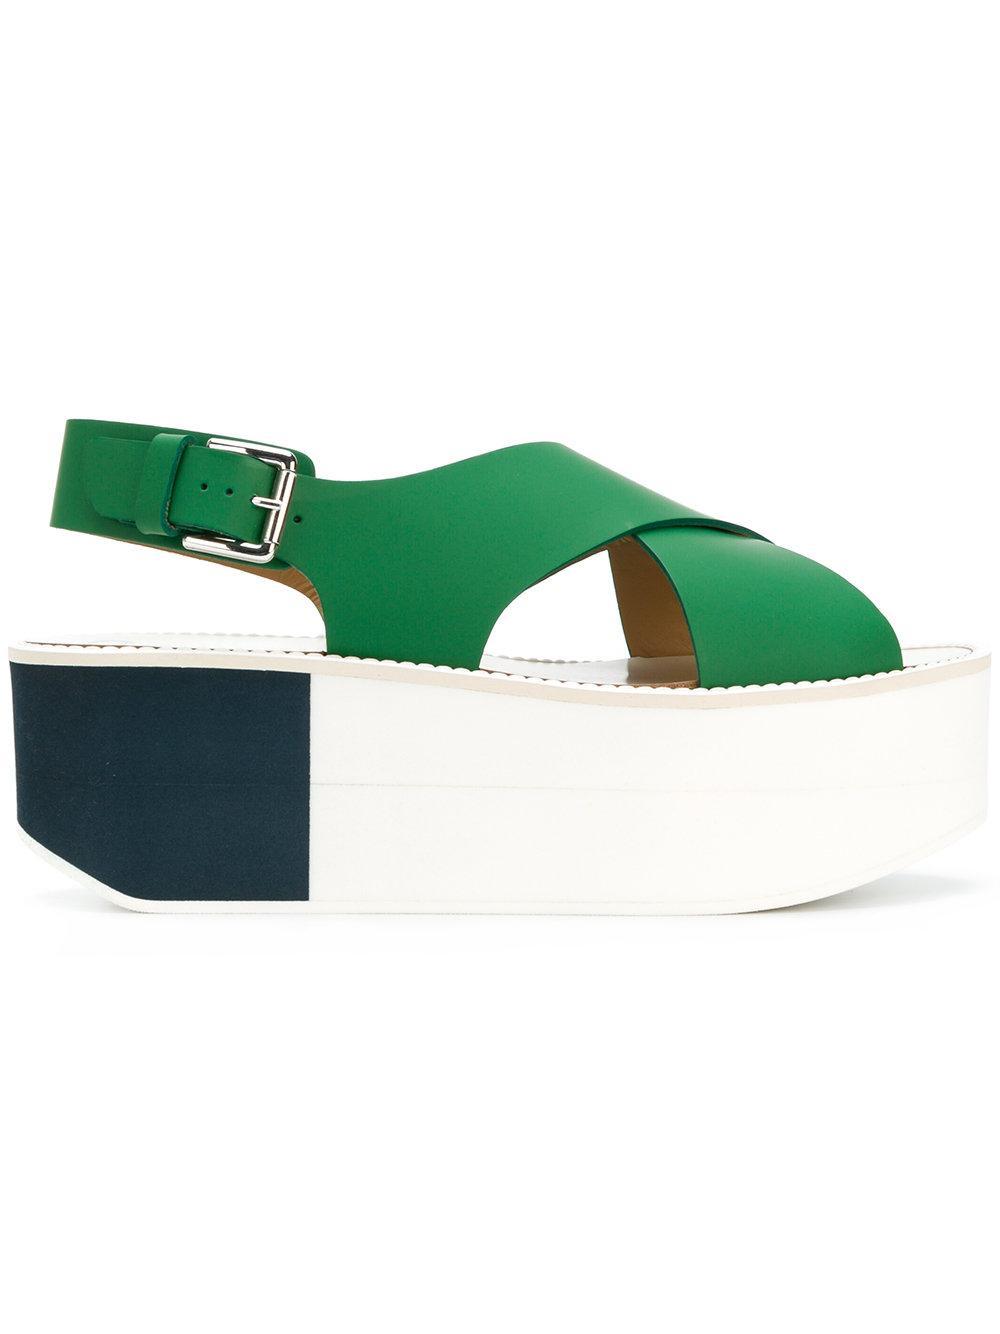 d29352b8b6a858 Flamingos Colour-Block Sandals - Green